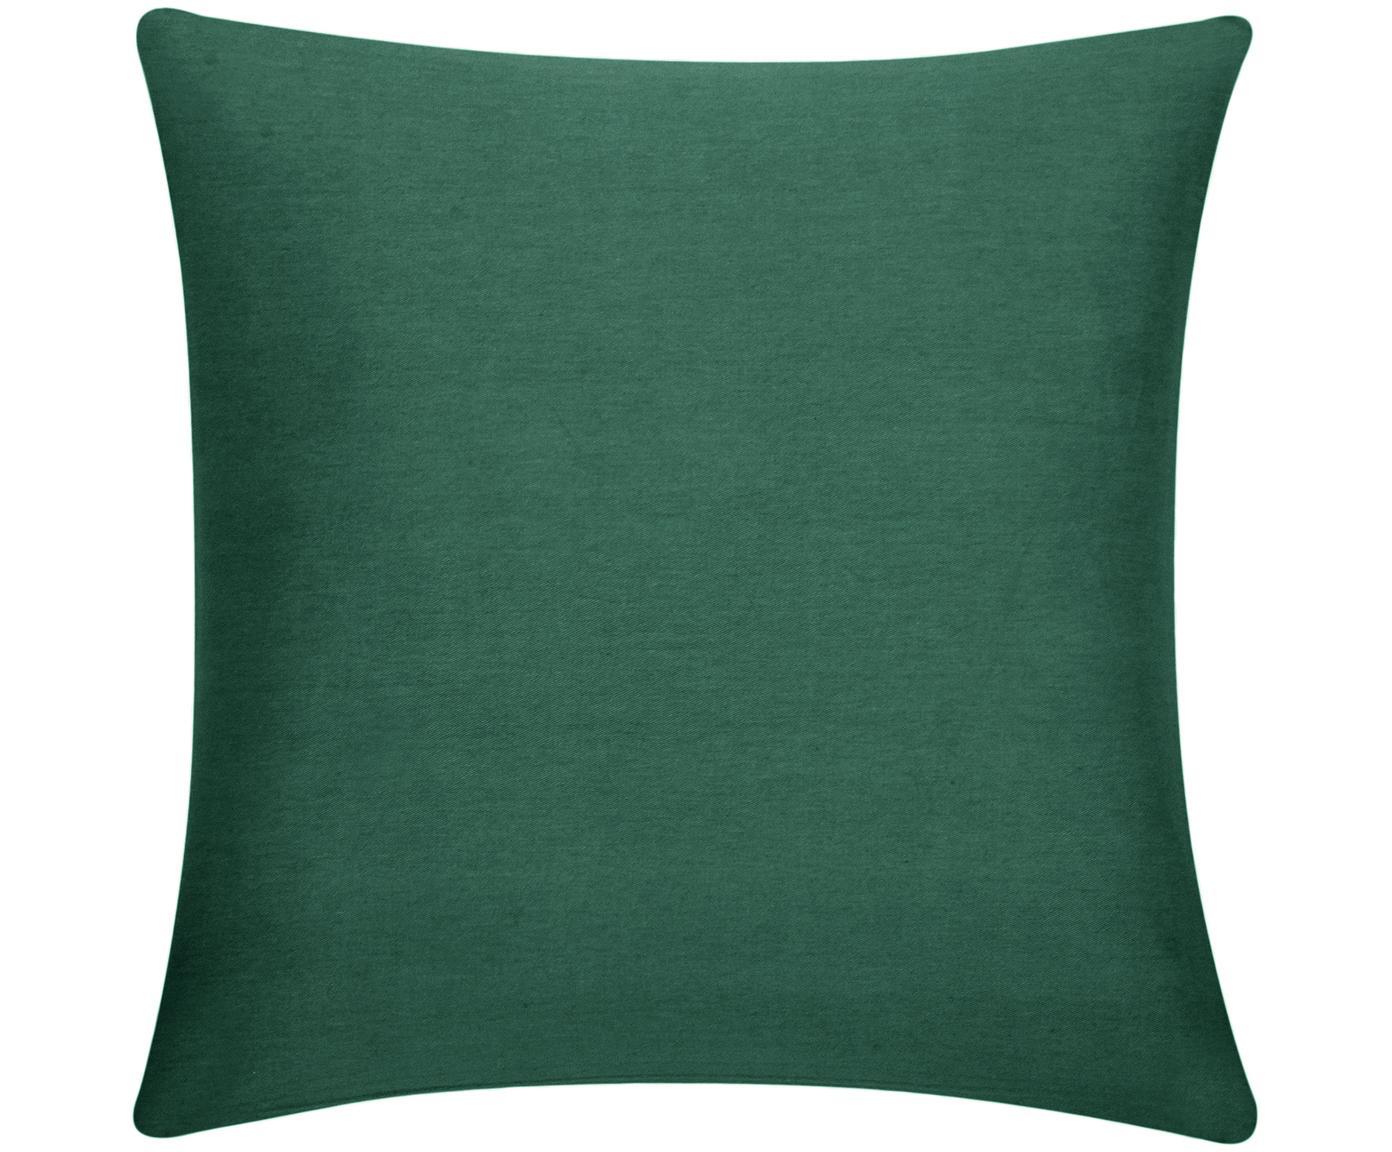 Poszewka na poduszkę z bawełny Mads, 100% bawełna, Zielony, S 40 x D 40 cm